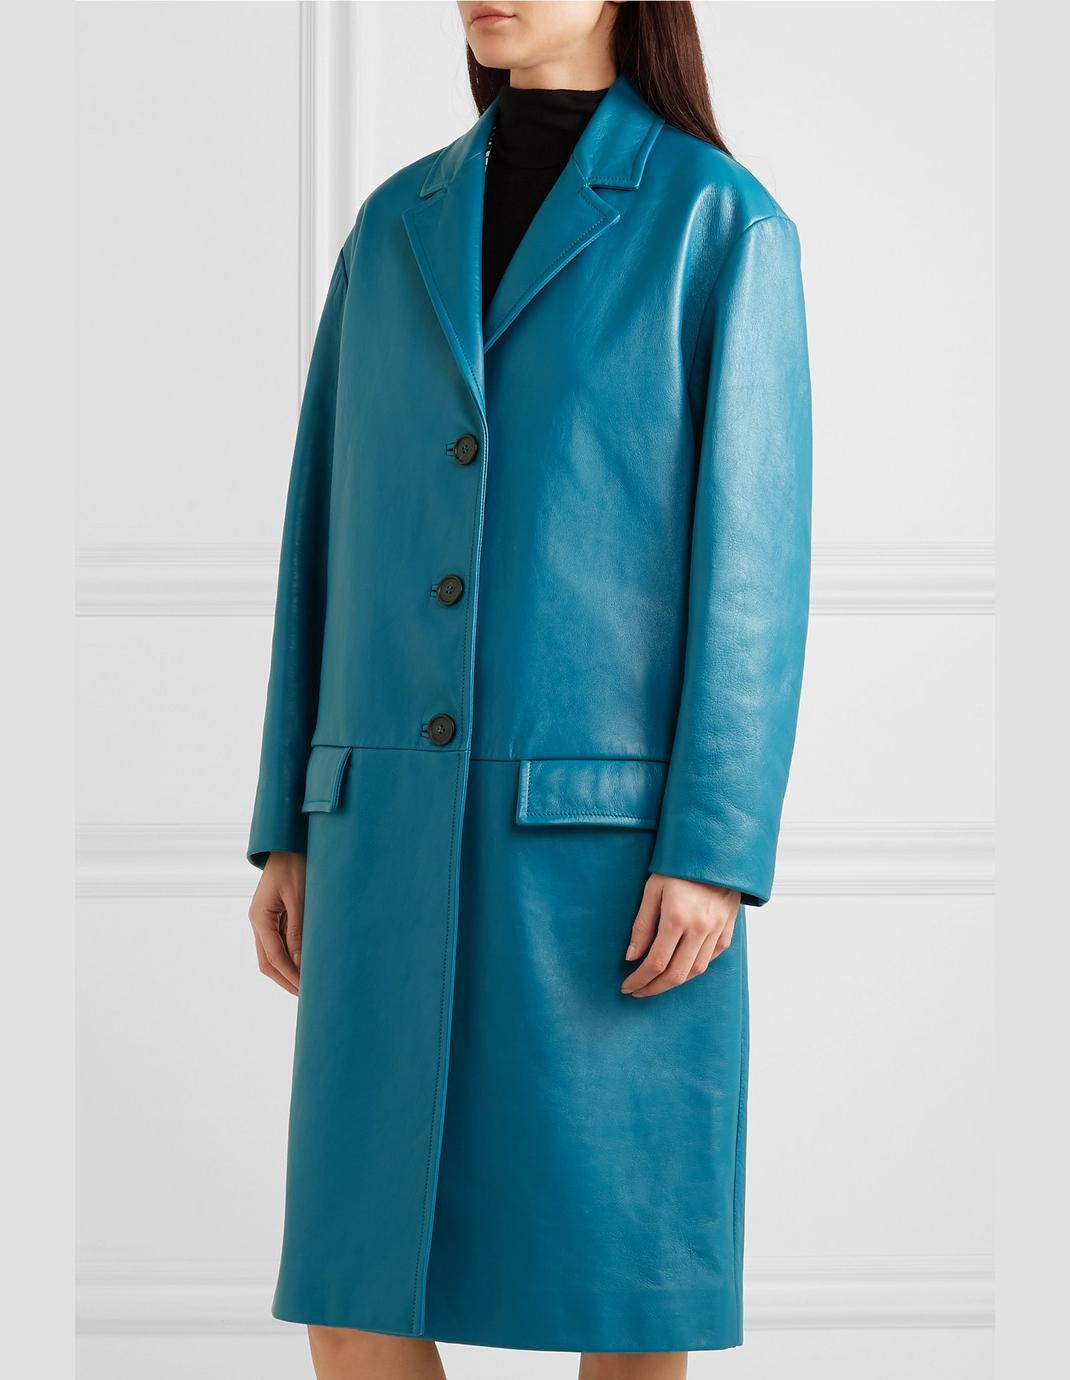 μοντέλο με δερμάτινο παλτό Prada